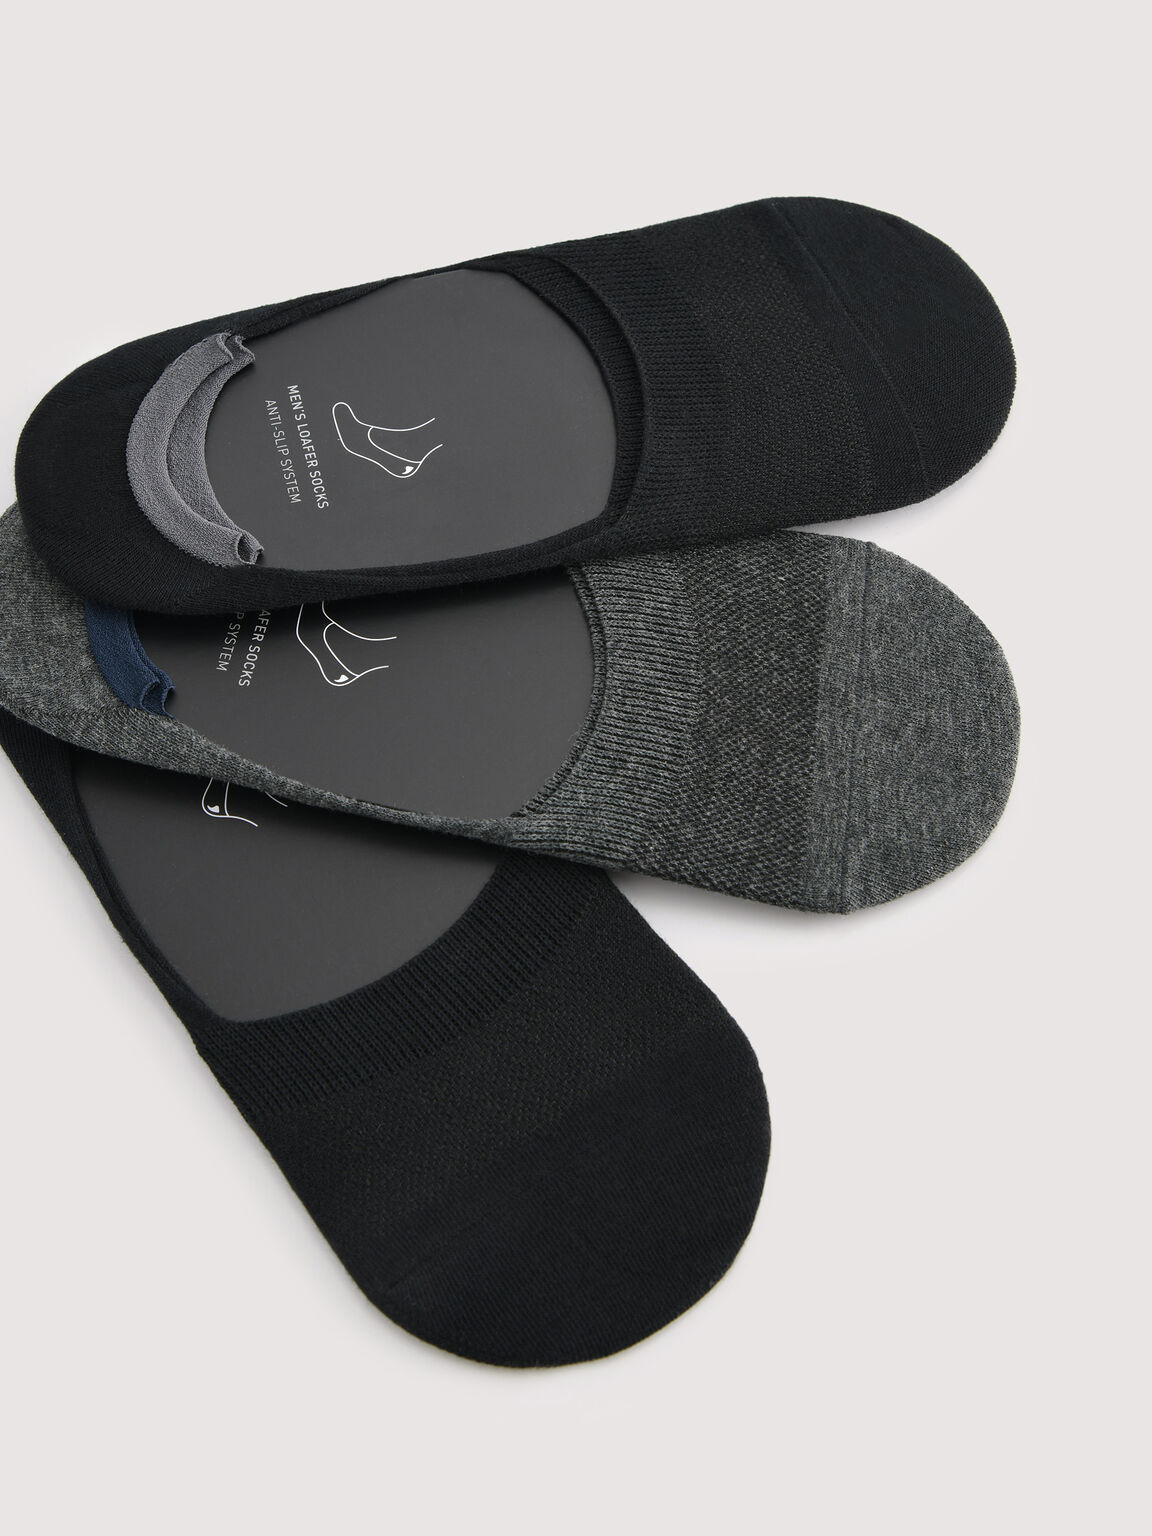 3-pack of Loafer Socks, Multi, hi-res